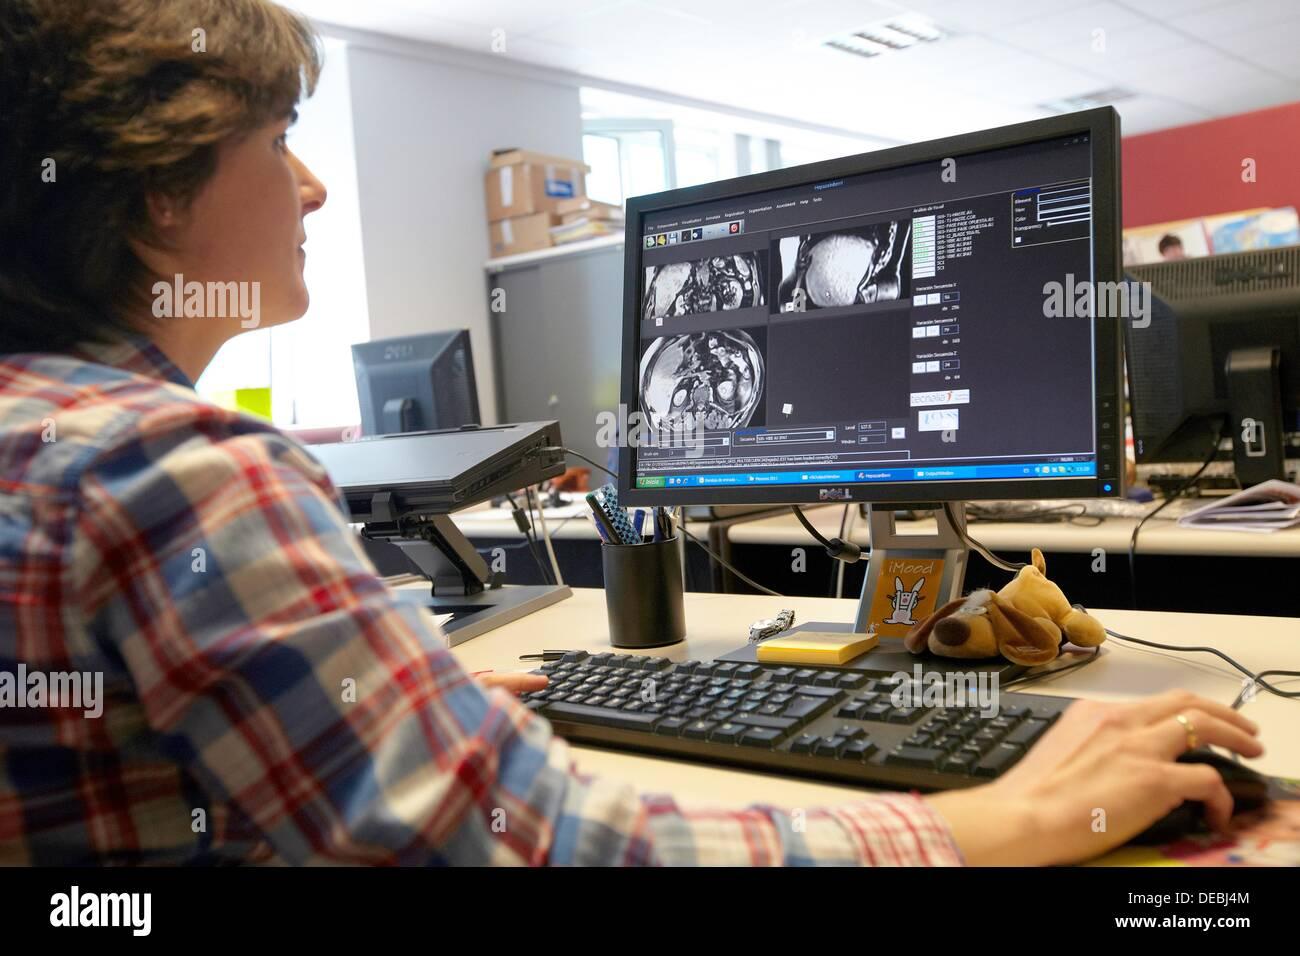 Medizinische Bilder wie MRI Verarbeitungstechniken, Segmentierung, Analyse und Diagnose, Internet der Dinge-Labor, Tecnalia Stockbild